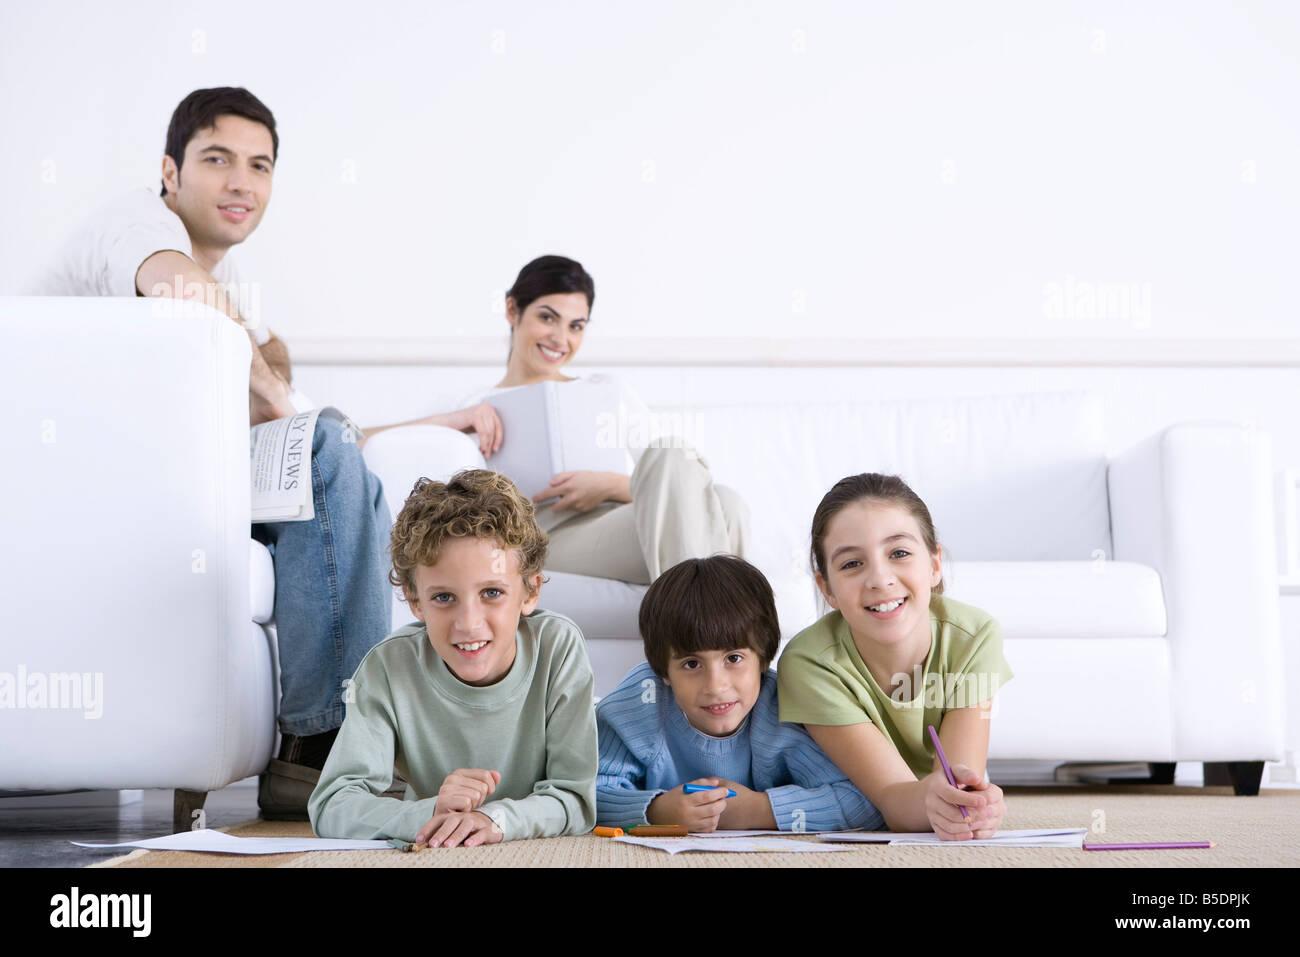 Familie Kinder Farbung Auf Dem Boden Eltern Auf Sofa Im Wohnzimmer